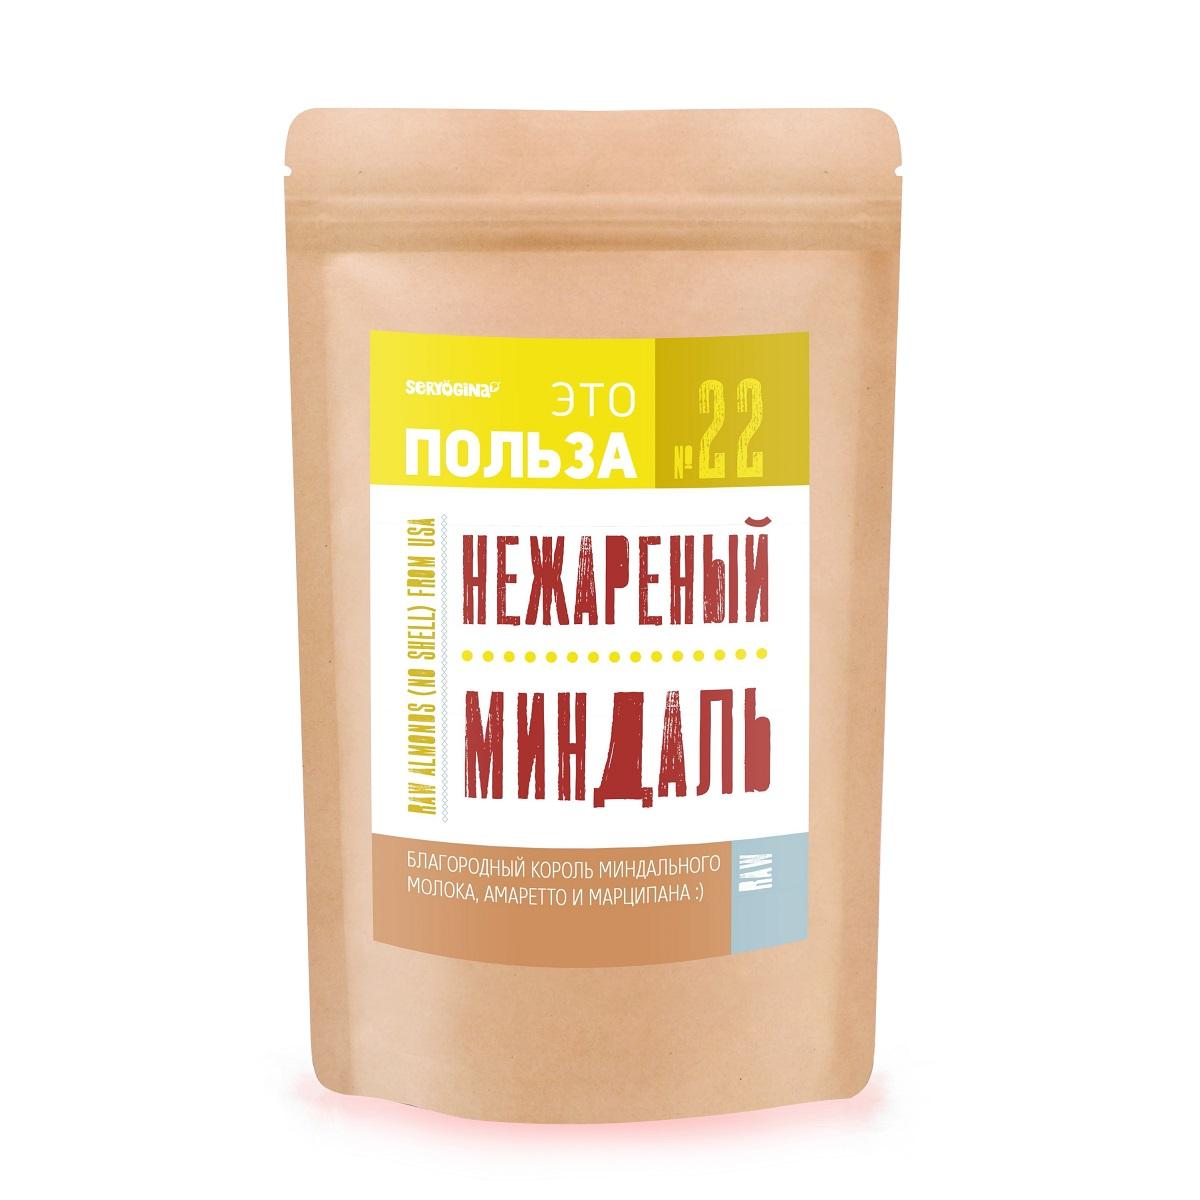 Seryogina Миндаль нежареный, 900 г2196Сладкий вкусный миндаль. Идеален для приготовления десертов и сладостей. 40% дневной нормы кальция и магния, богат витаминами групп В и Е, белком, железом, цинком, фосфора в нем больше, чем в других орехах.